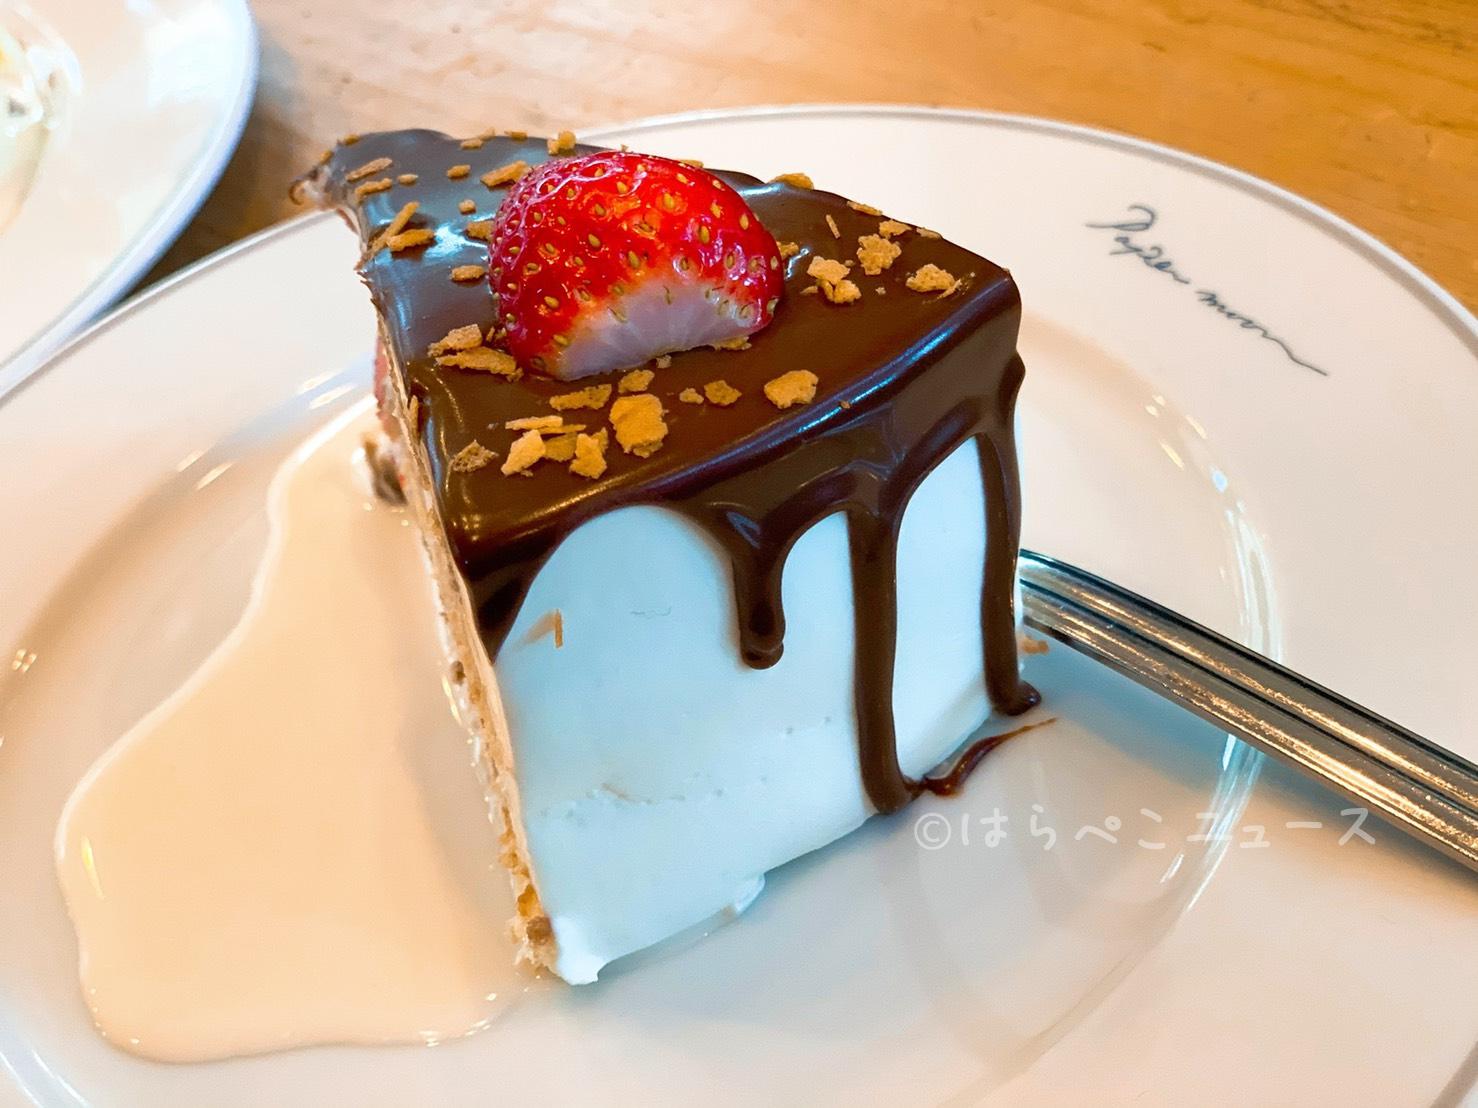 【実食レポ】「Paper moon(ペーパームーン)」ストロベリーショートケーキ チョコレートがけ(12月〜5月)